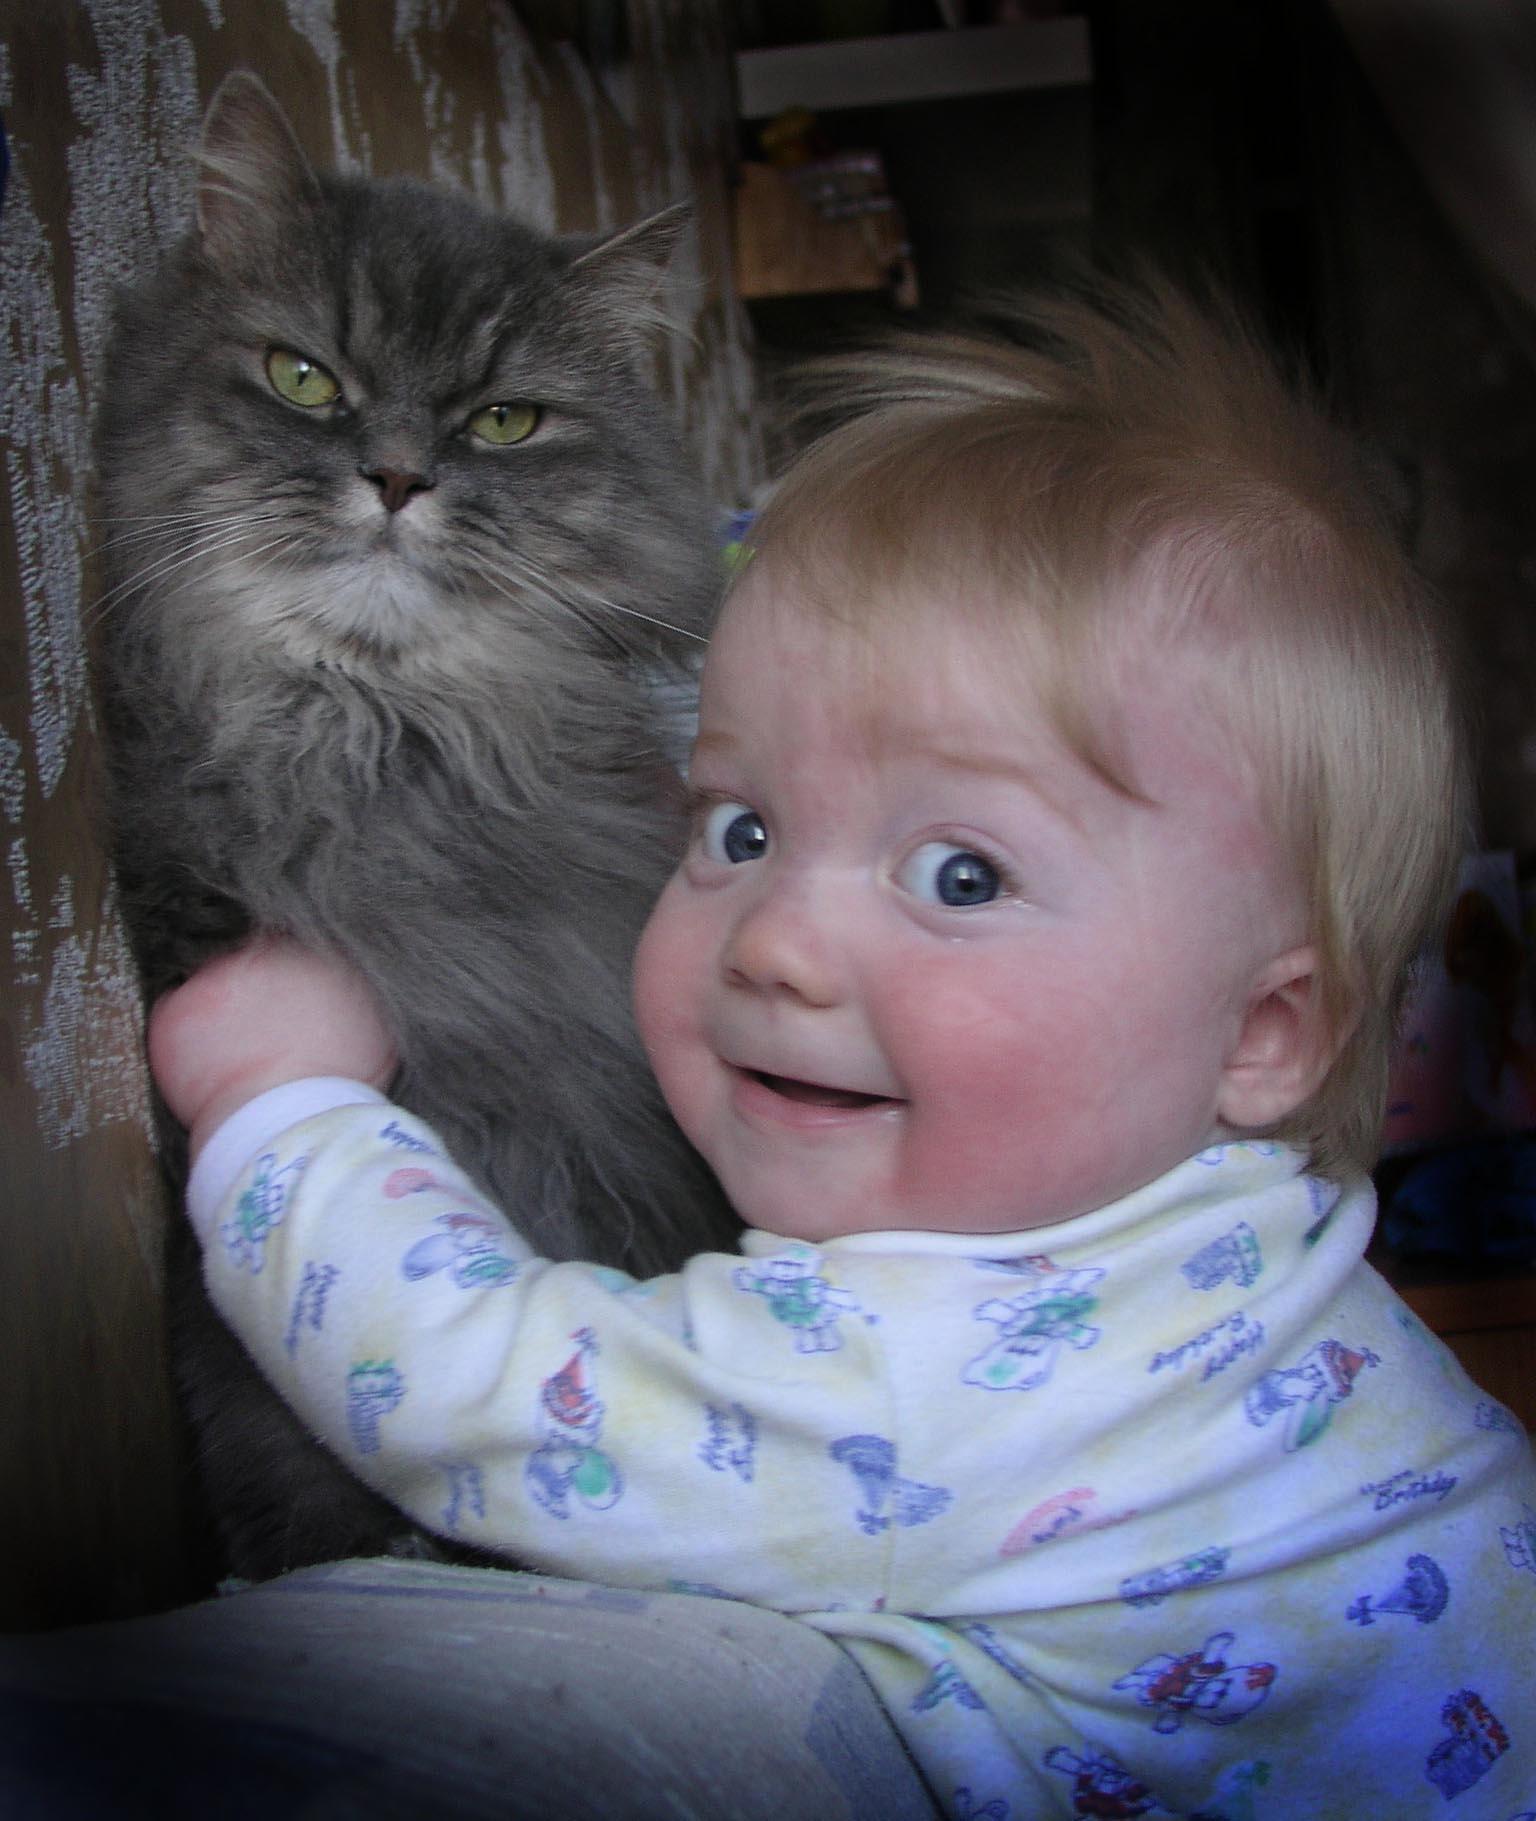 МОЙ ПУШИСТИК!. Закрытое голосование фотоконкурса 'Ребята и котята'